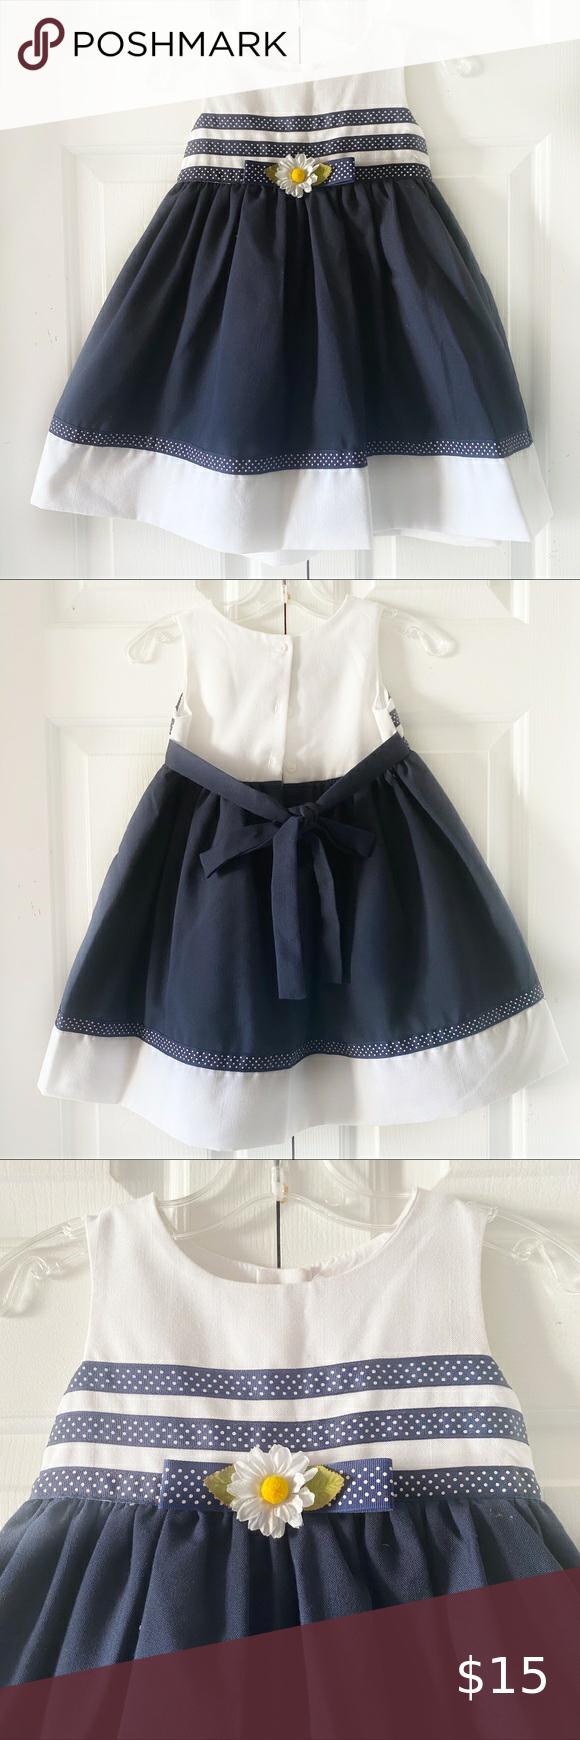 La Princess Blue White Toddler Girls Dress 2t Toddler Girl Dresses White Dress Party Toddler Christmas Dress [ 1740 x 580 Pixel ]